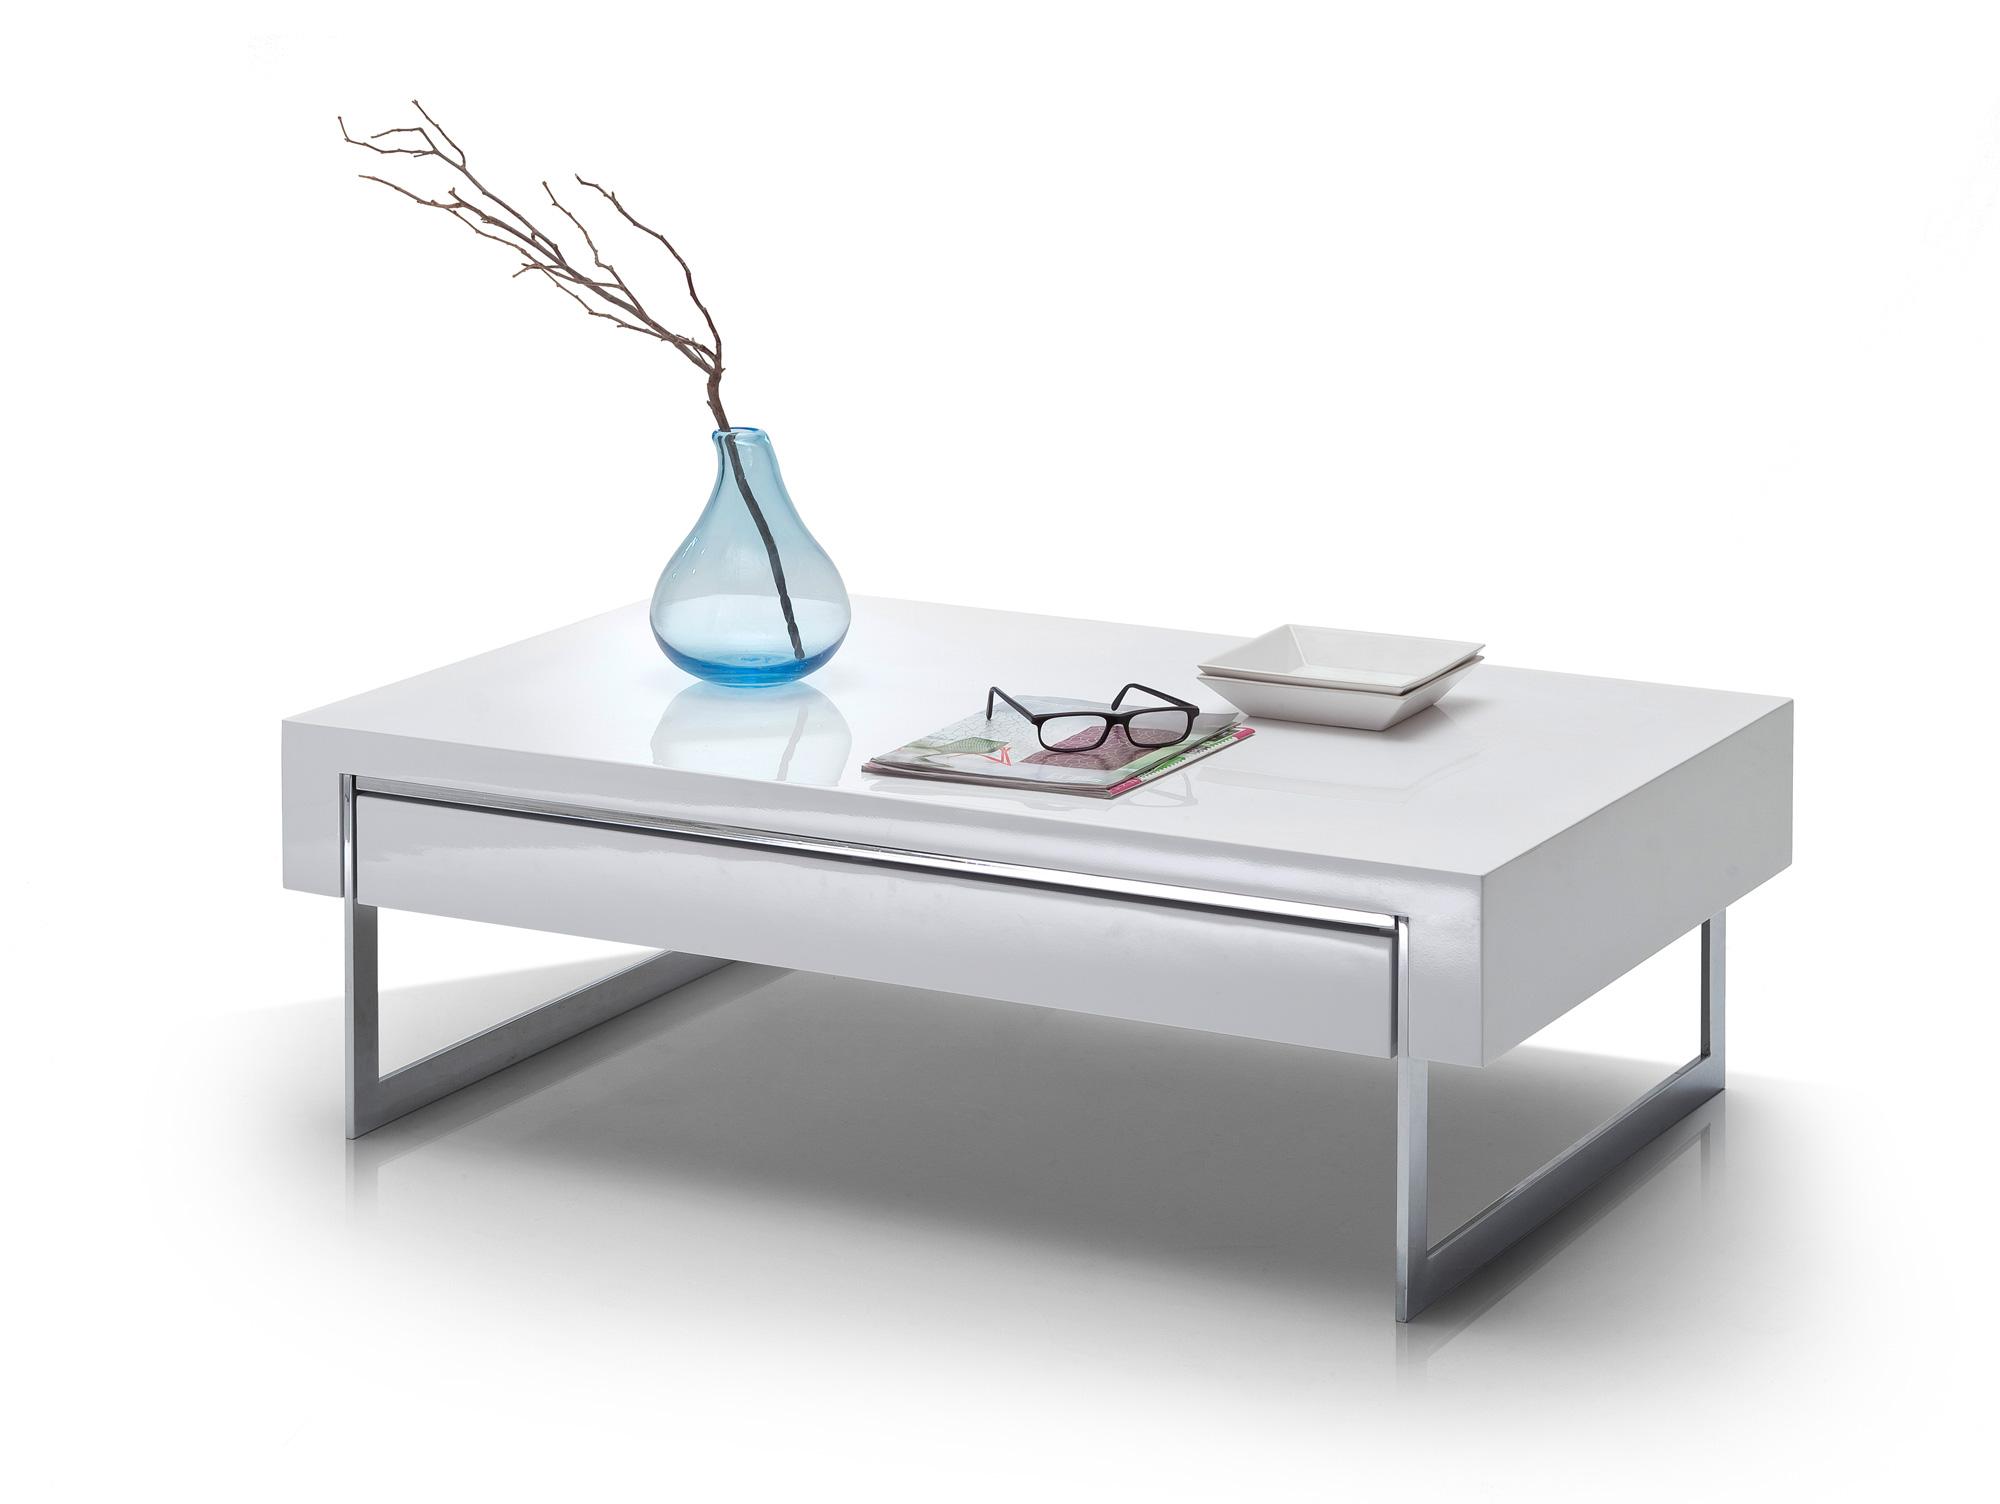 couchtisch weiss hochglanz g nstig kaufen. Black Bedroom Furniture Sets. Home Design Ideas